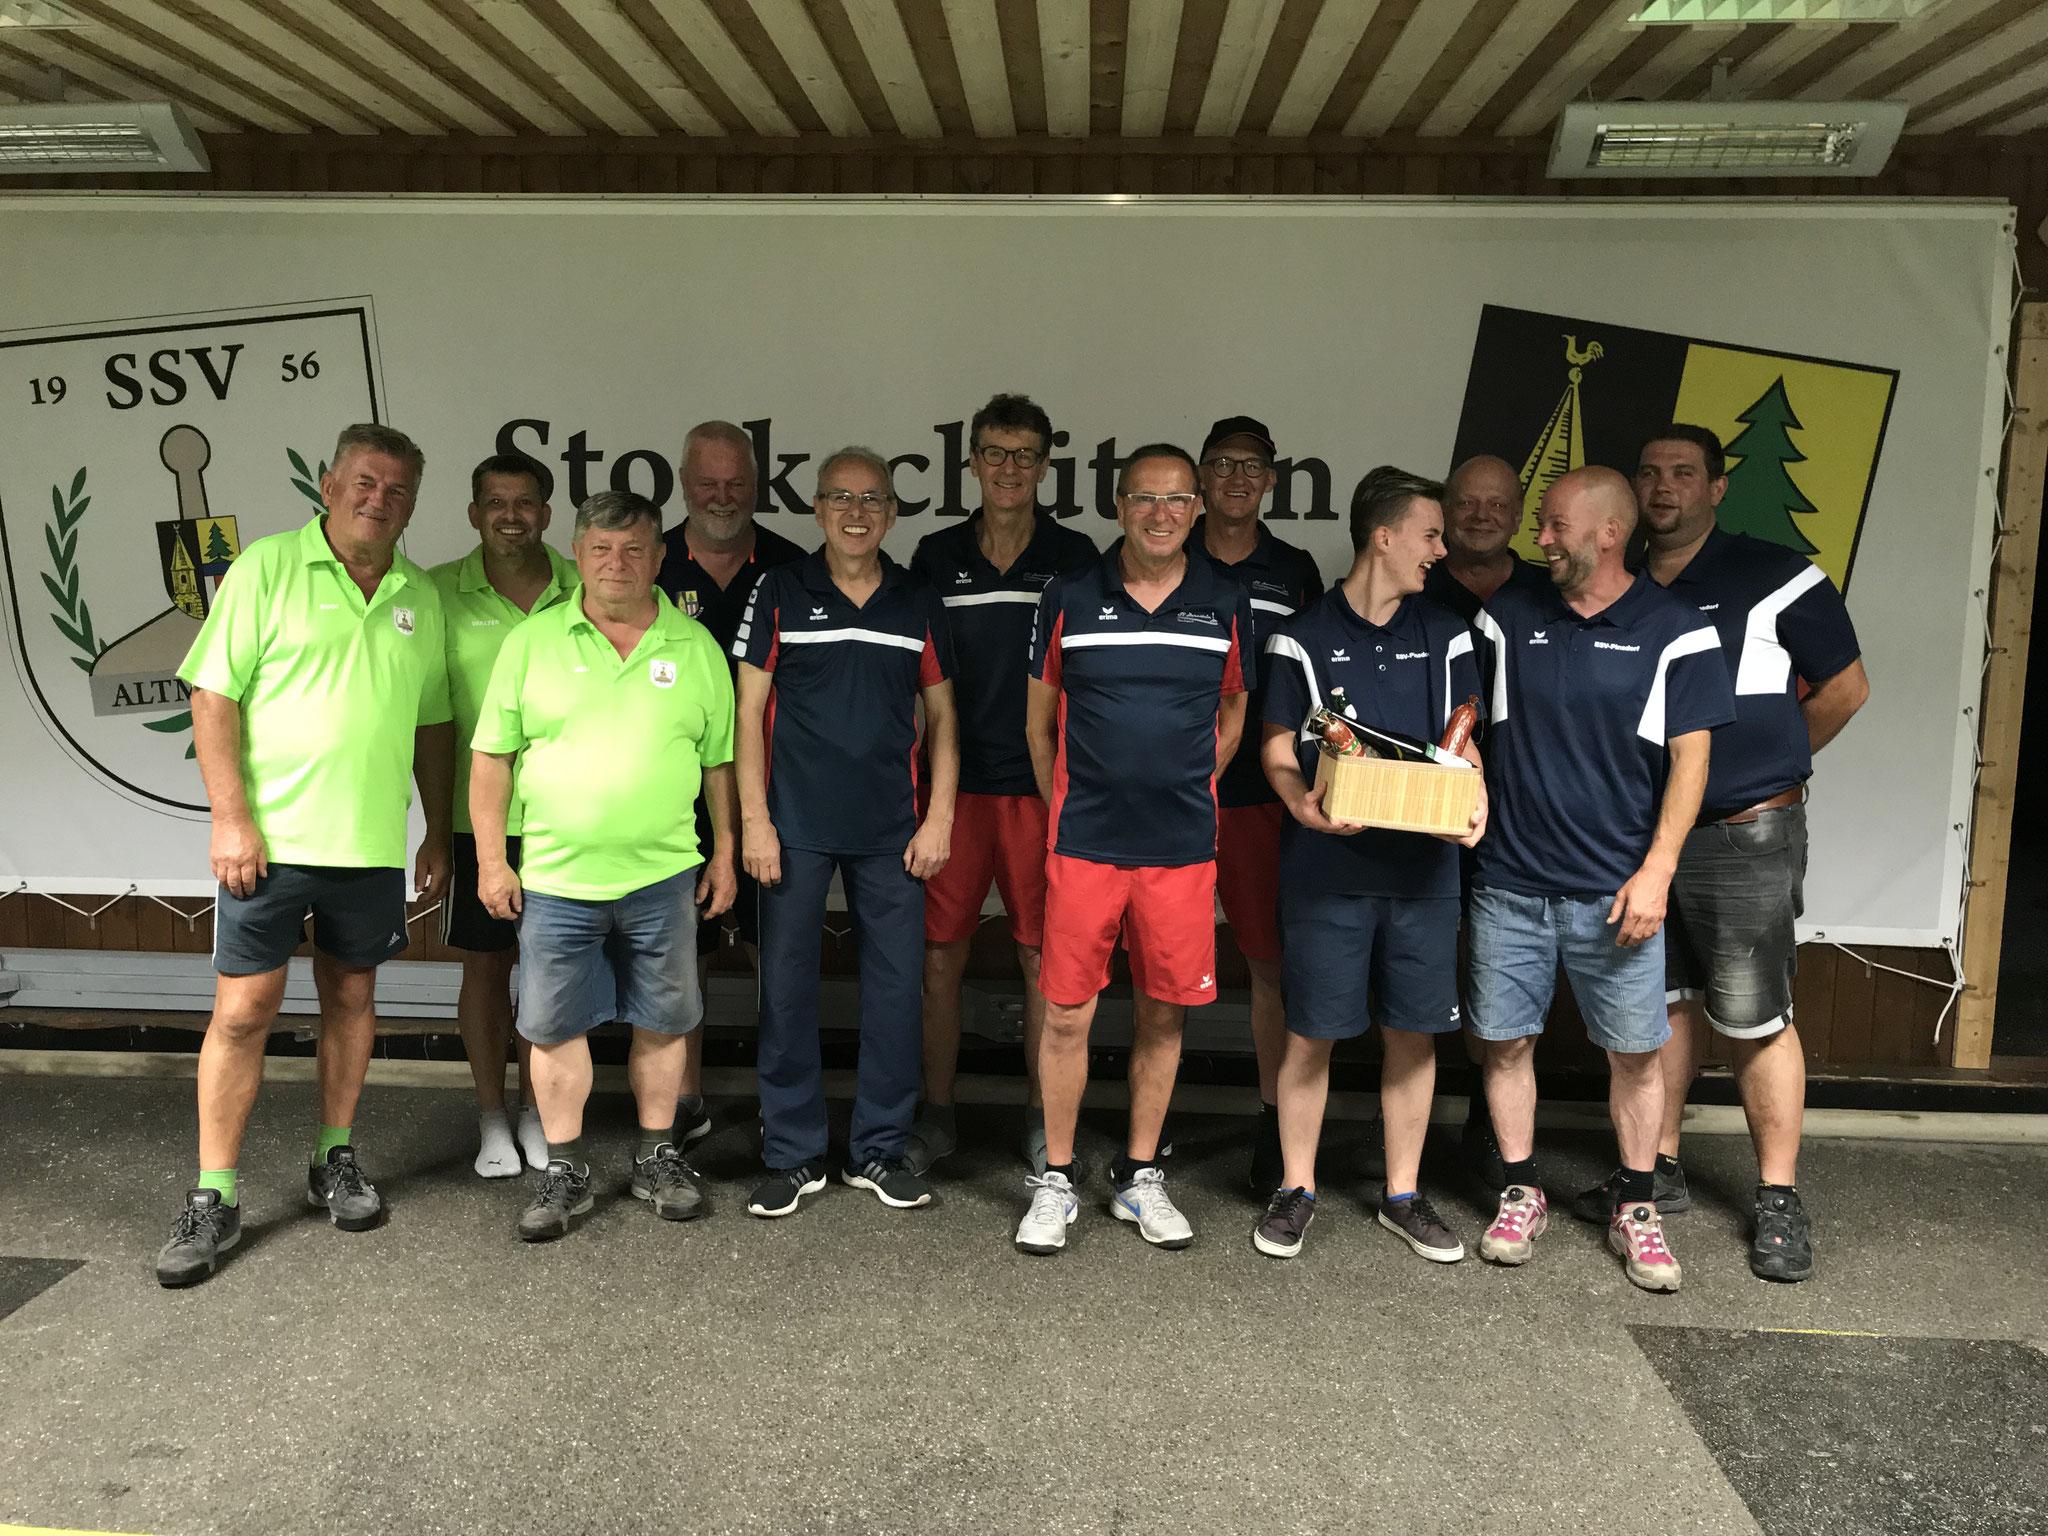 Turnier Freitag 28.6.19 - 2. SSV Altmünster, Sieger SV Hernstein, 3. ASKÖ Pinsdorf